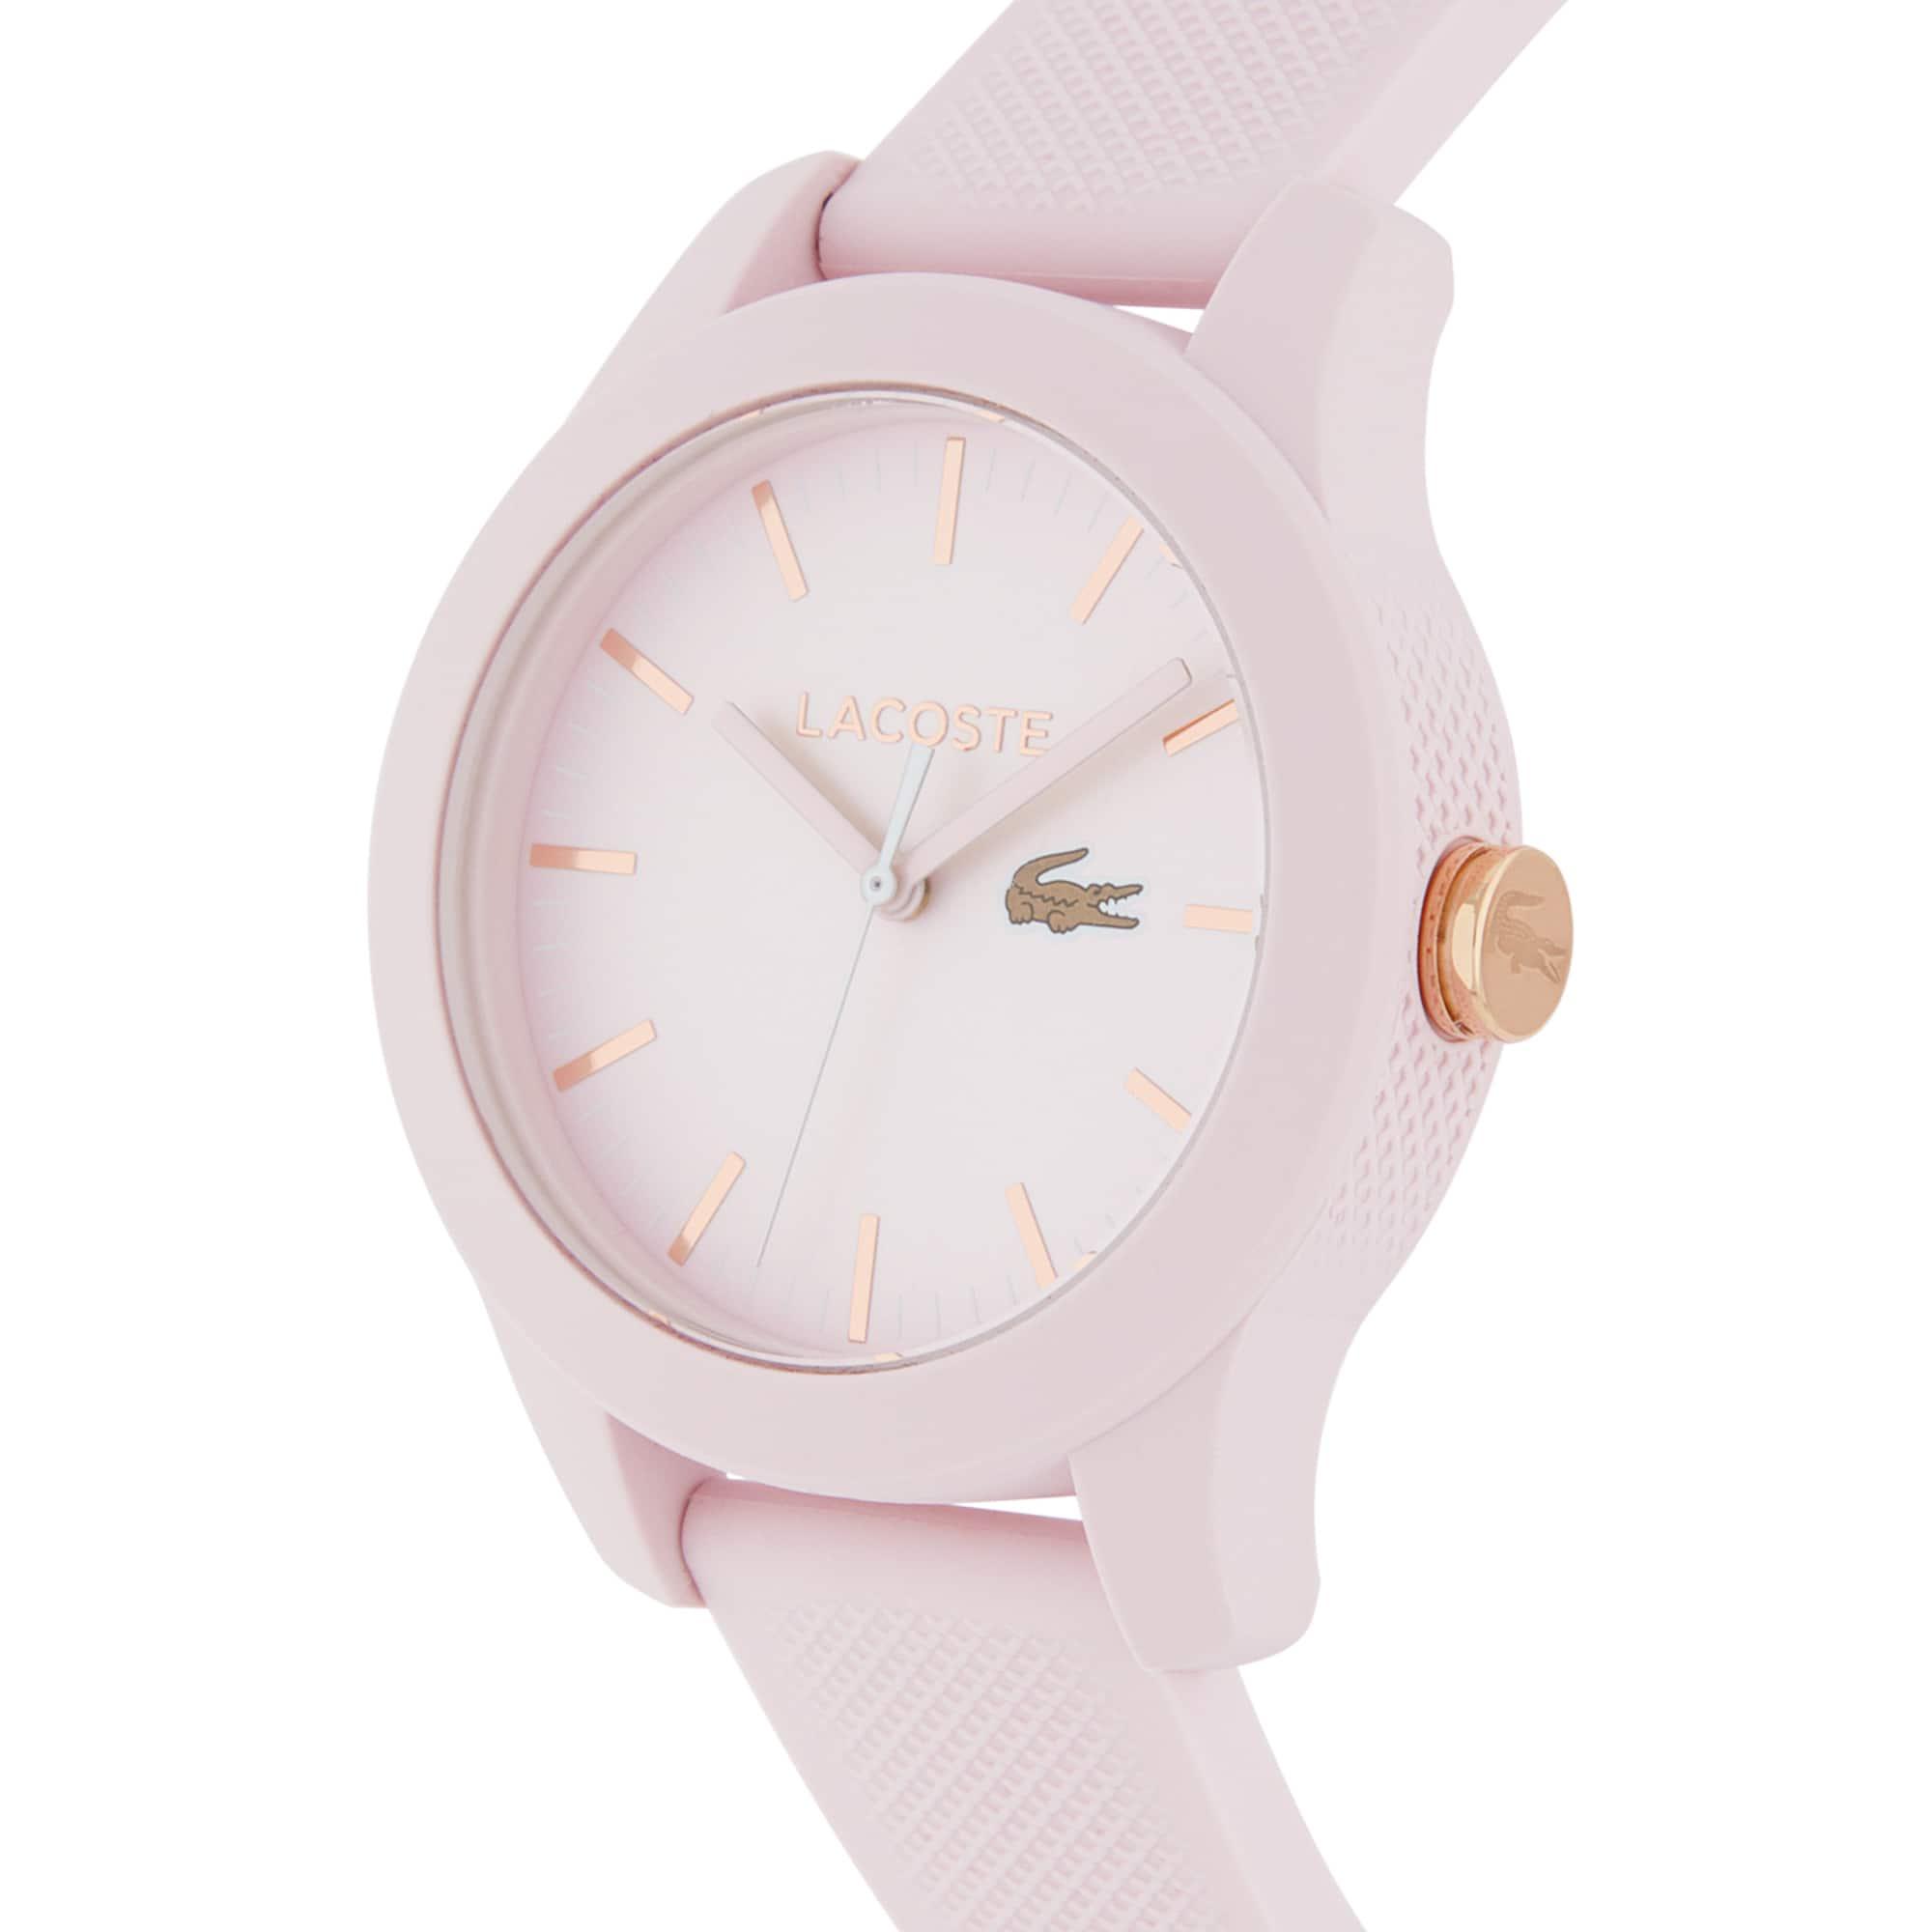 Relógio Lacoste 12.12 Senhora com Bracelete em Silicone Rosa